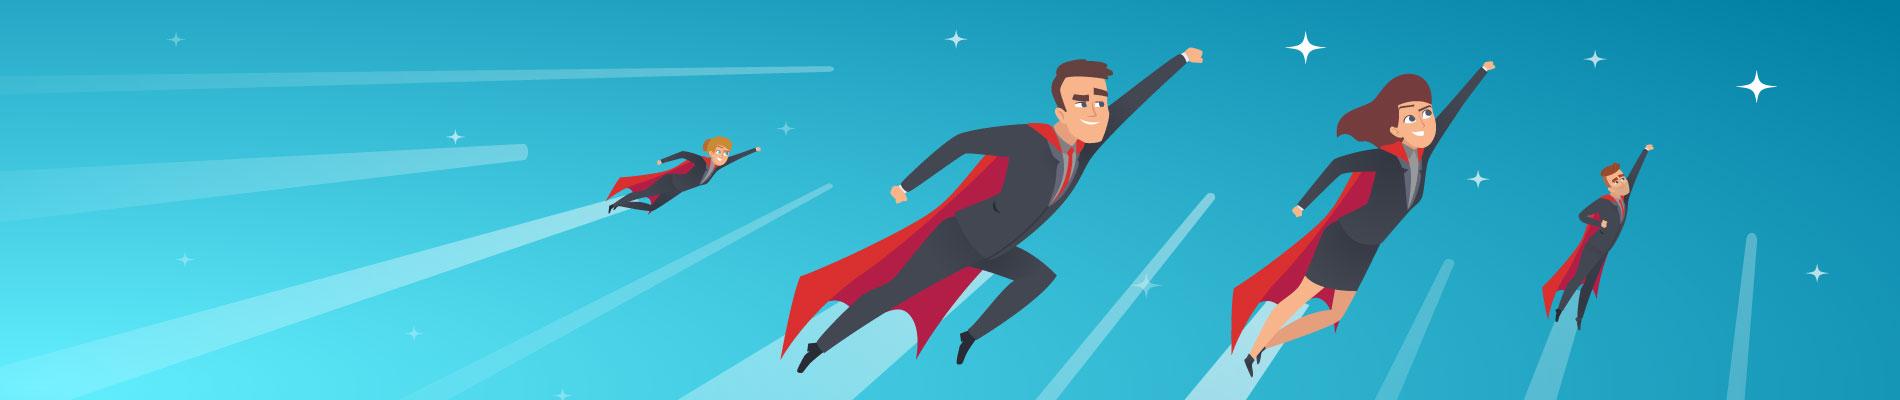 Soft Skills para recuperarte: Tus primeros superpoderes